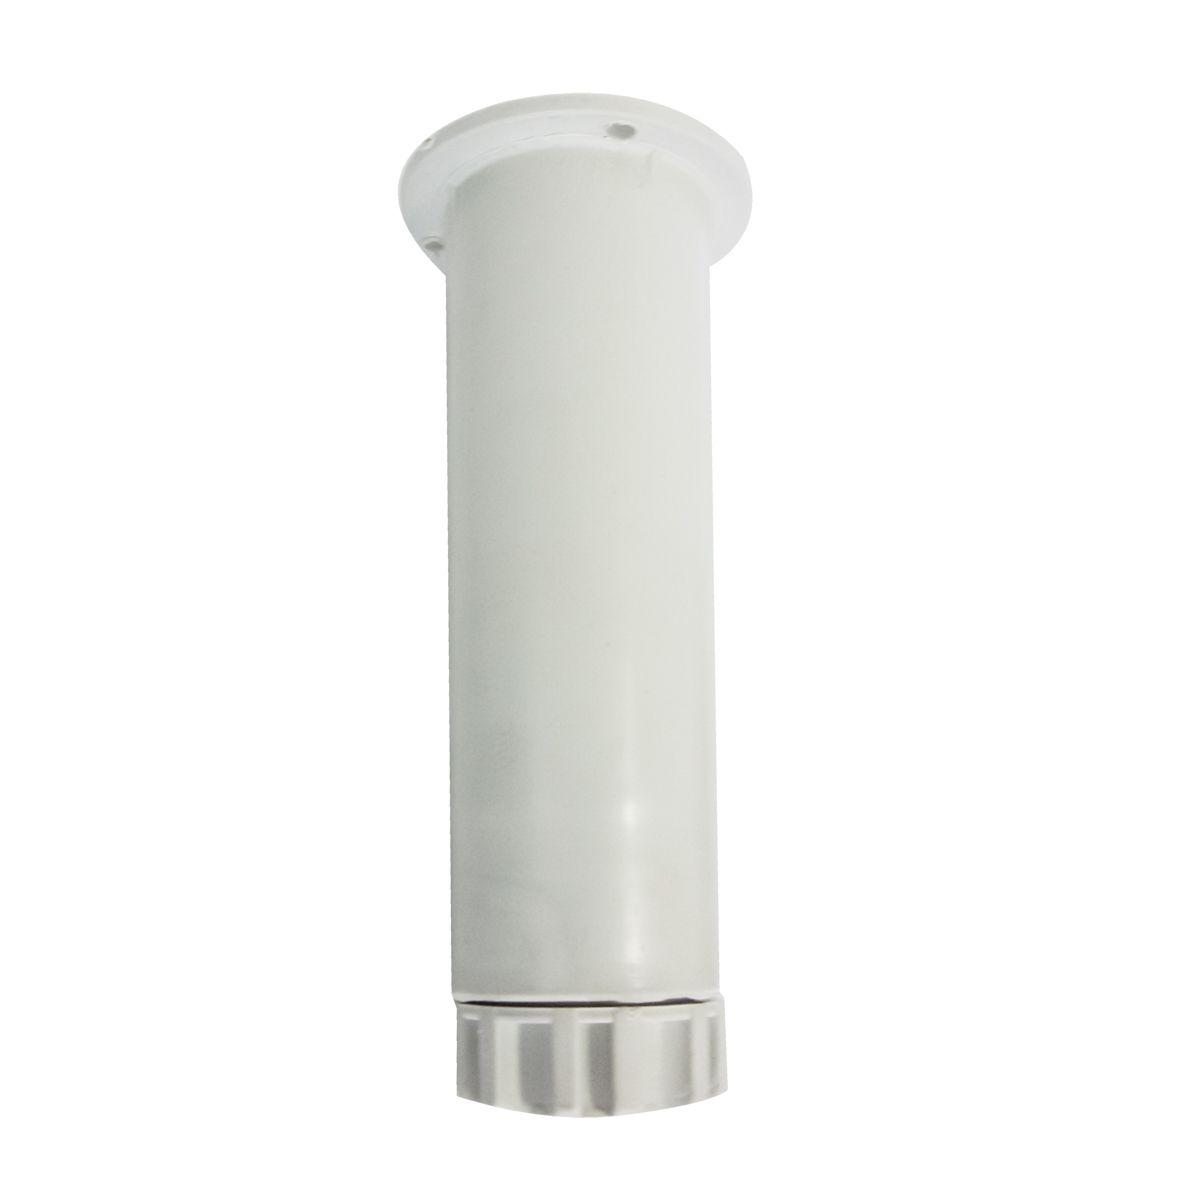 Pé Armário Regulável 140mm À 160mm - Plastico Branco